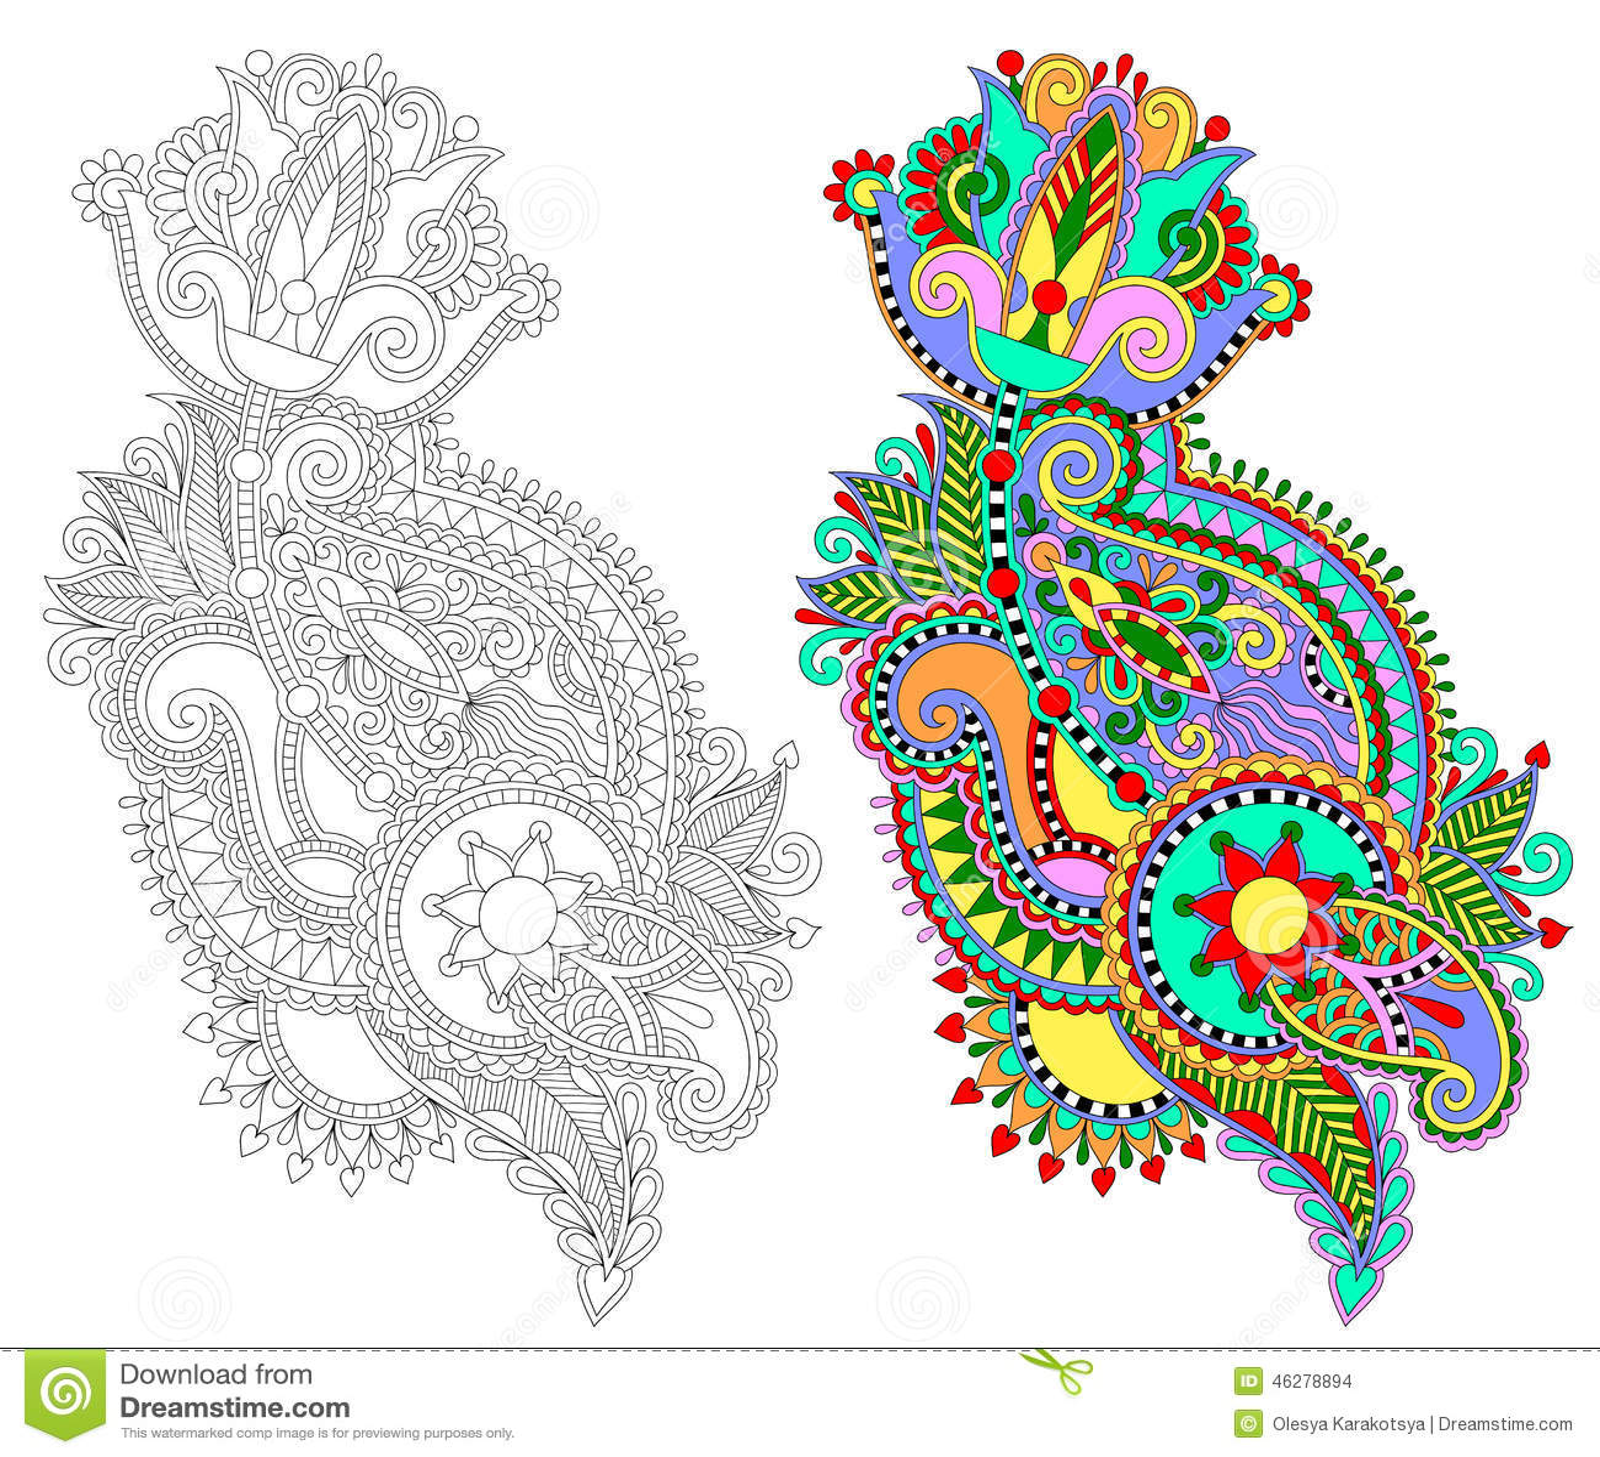 Line Art Ornate Flower Design : Line art ornate flower design vector illustration